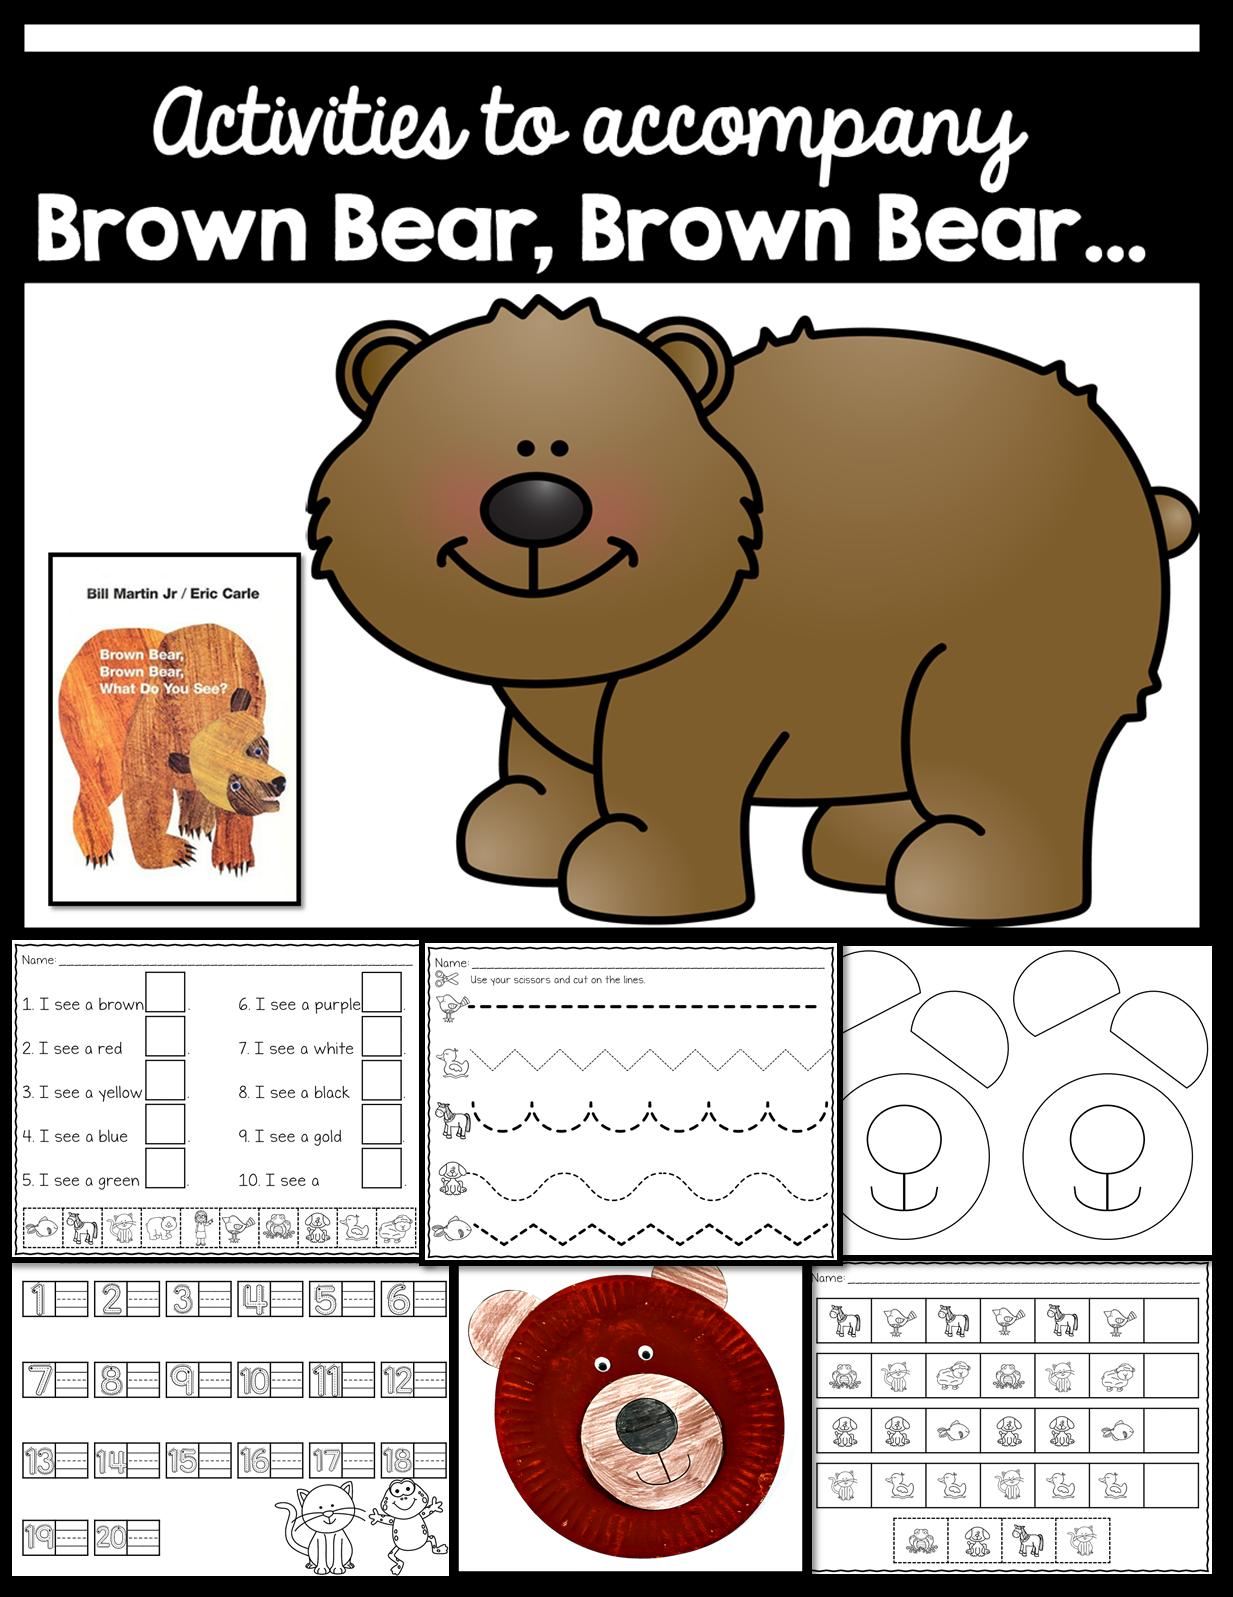 Brown Bear Brown Bear First Week Of School Activities Mrs B S Beehive Brown Bear Brown Bear Activities Brown Bear School Activities [ 1597 x 1233 Pixel ]